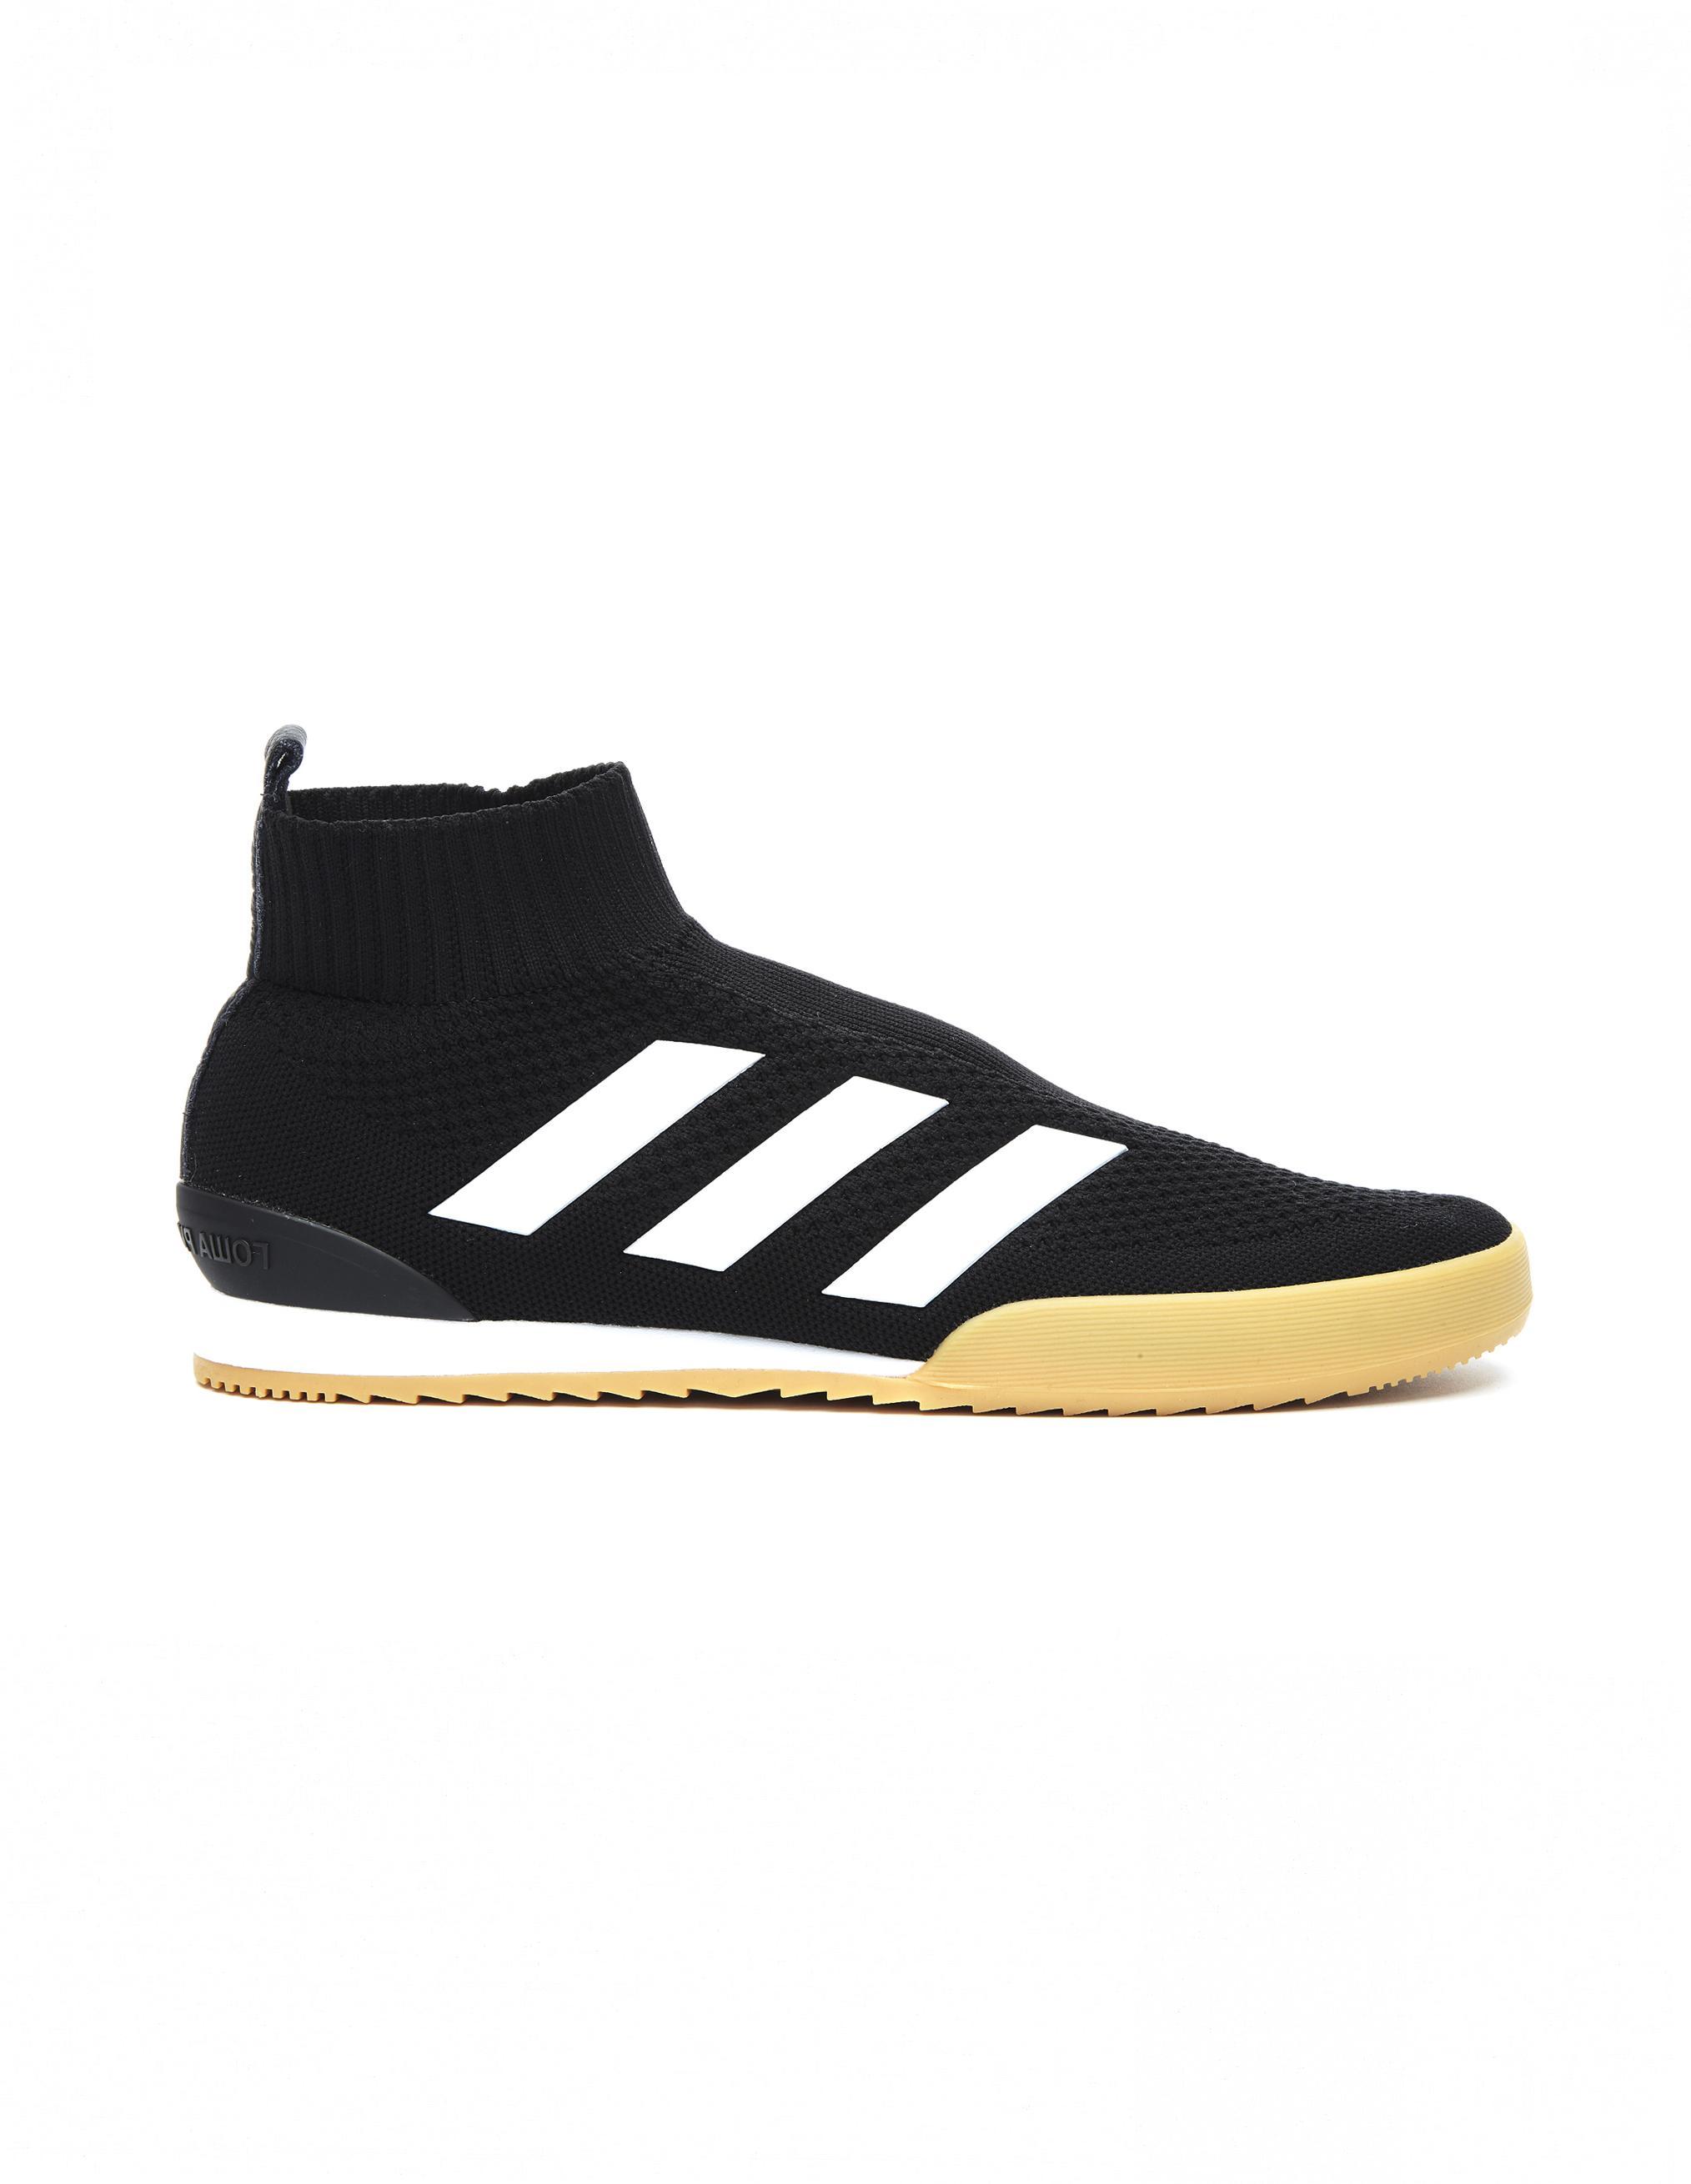 big sale b014b fffa9 Lyst - Gosha Rubchinskiy Adidas Ace 16+ Super Shoes in Black